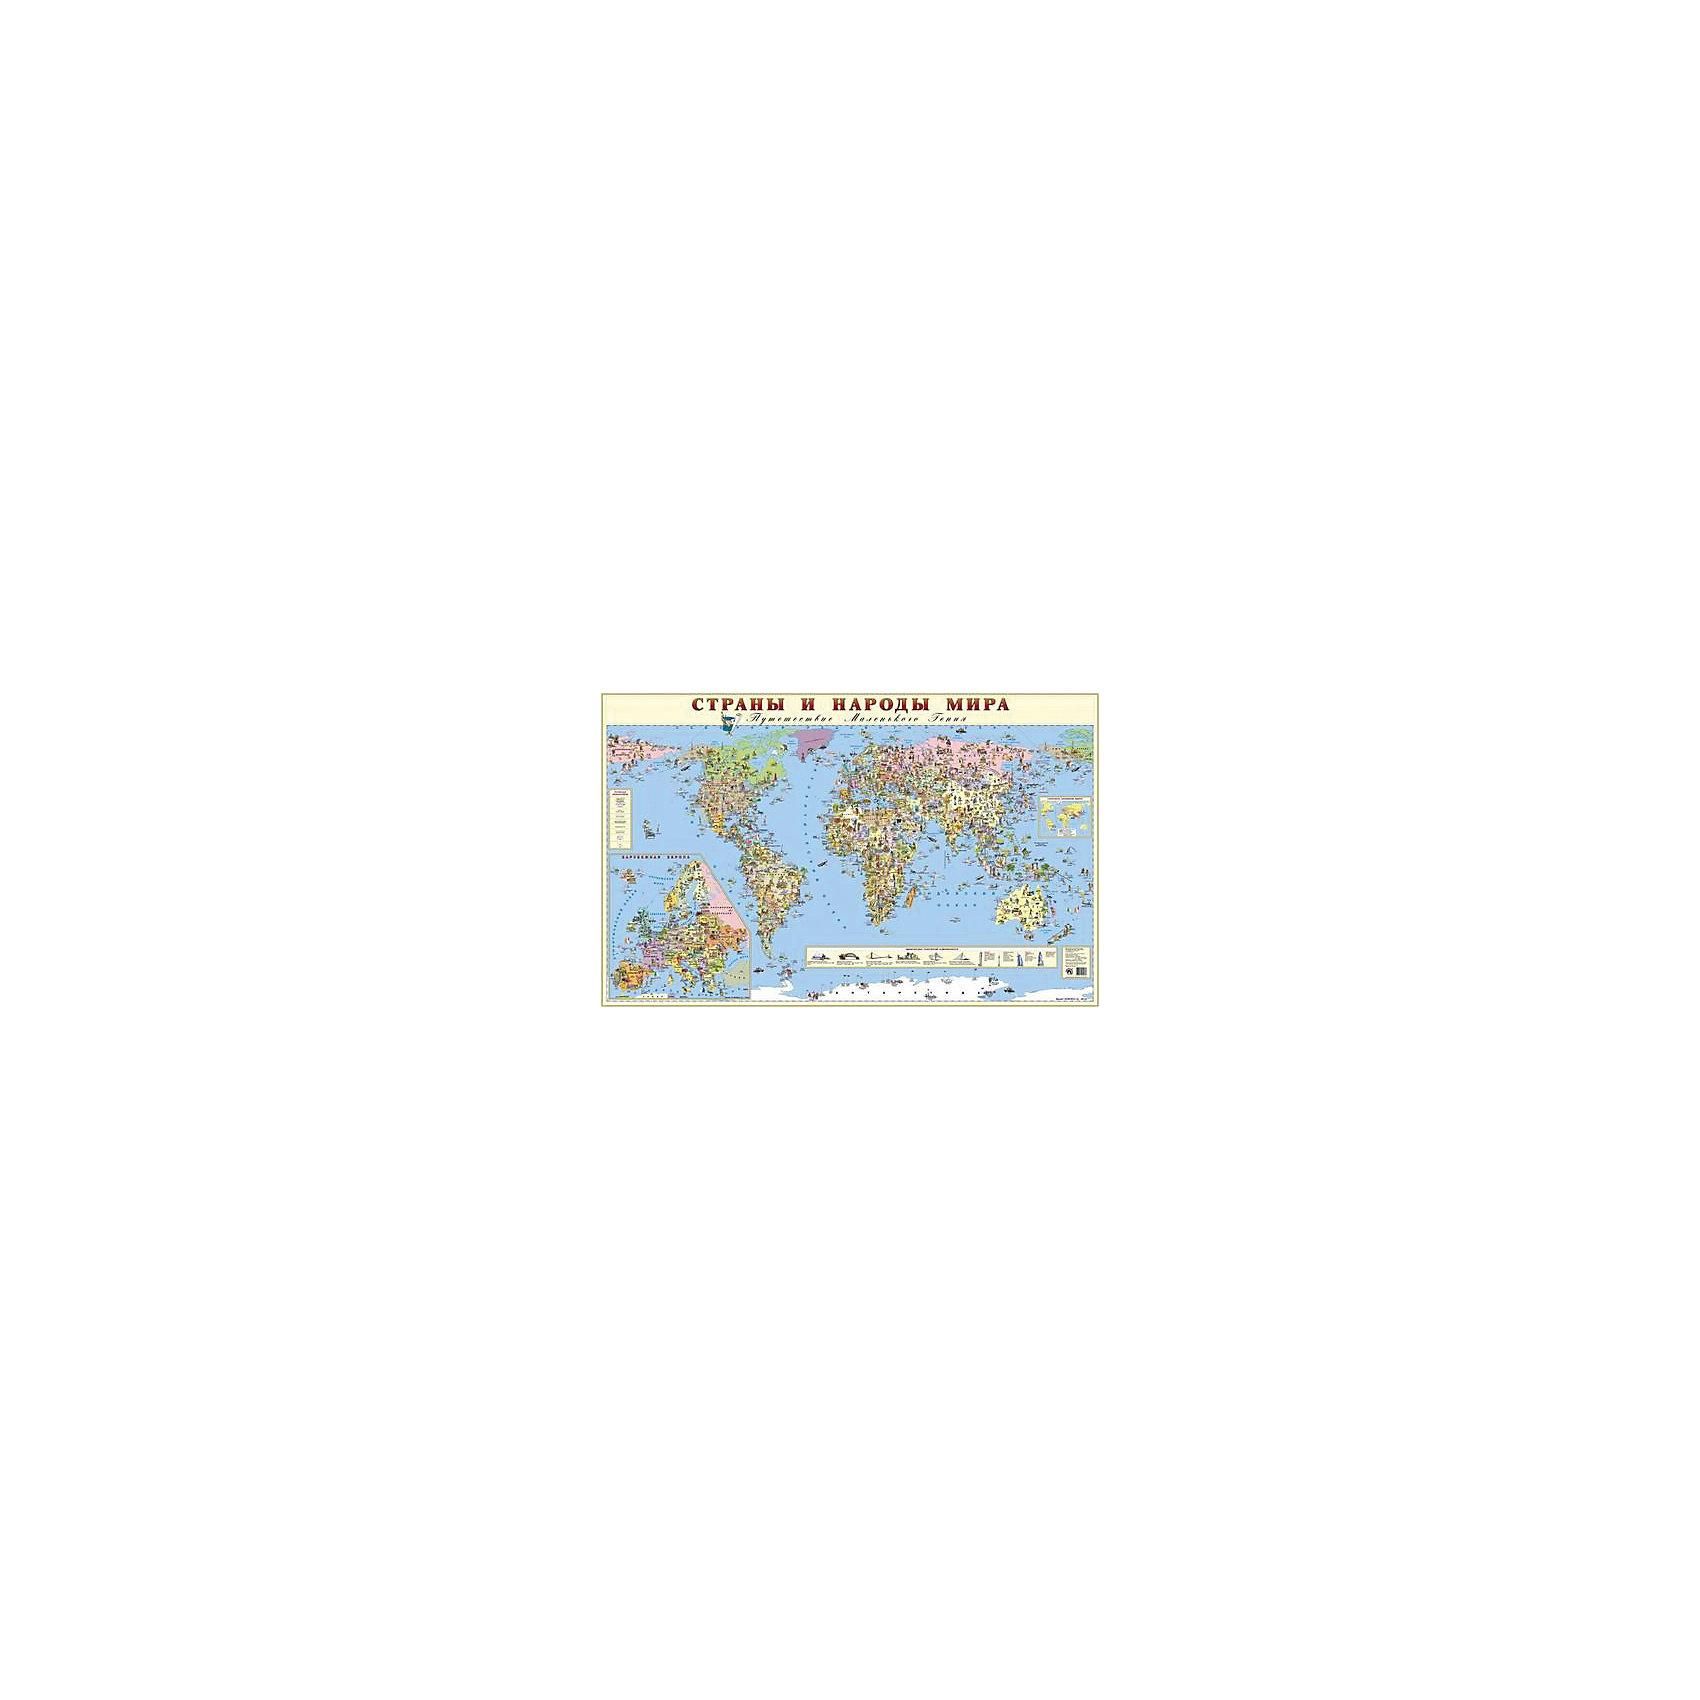 Карта Страны и народы мираАтласы и карты<br>Первые географические пособия для малыша, которые познакомят его с многообразием и красотой окружающего мира. Особенностью этих карт является максимально точная научная информация, которая подается в яркой и привлекательной форме Оригинальные художественные иллюстрации дадут ребенку правильное представление о том, как выглядят те или иные объекты, а забавный игровой персонаж Маленький Гений превратит изучение карты в увлекательное путешествие.<br><br>Ширина мм: 1500<br>Глубина мм: 95<br>Высота мм: 2<br>Вес г: 400<br>Возраст от месяцев: 36<br>Возраст до месяцев: 192<br>Пол: Унисекс<br>Возраст: Детский<br>SKU: 4802966